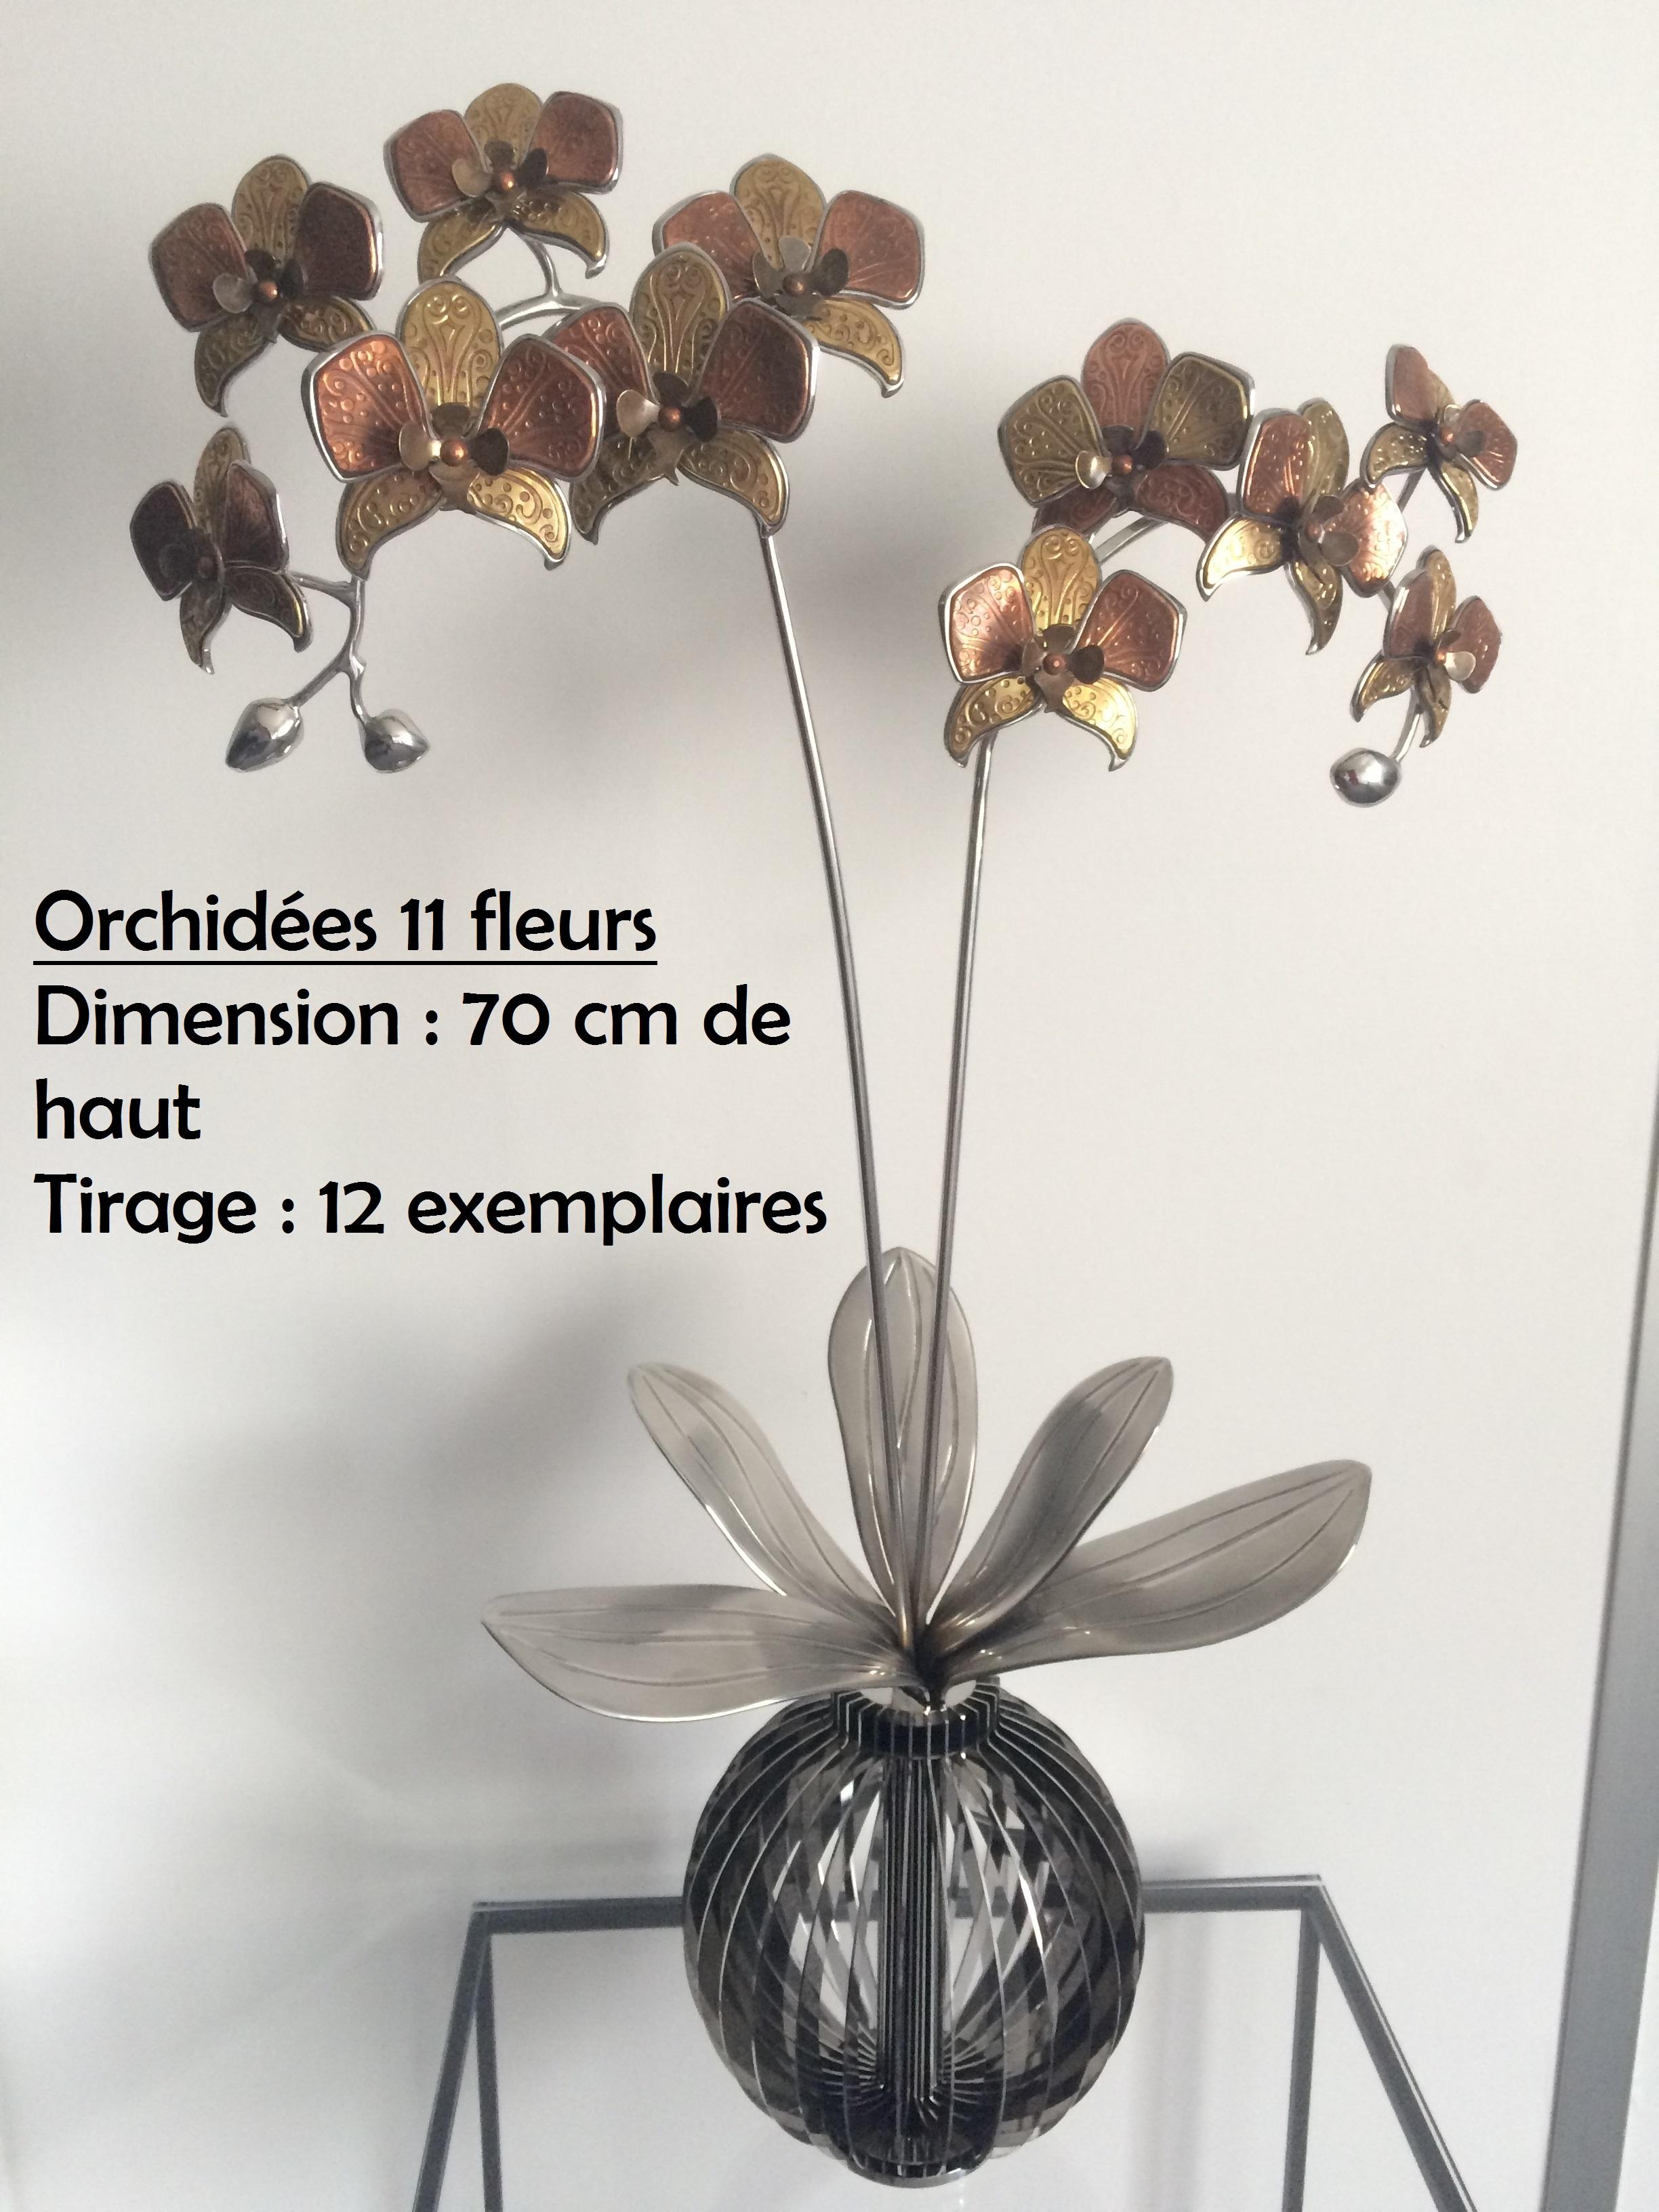 Orchidées_11_fleurs